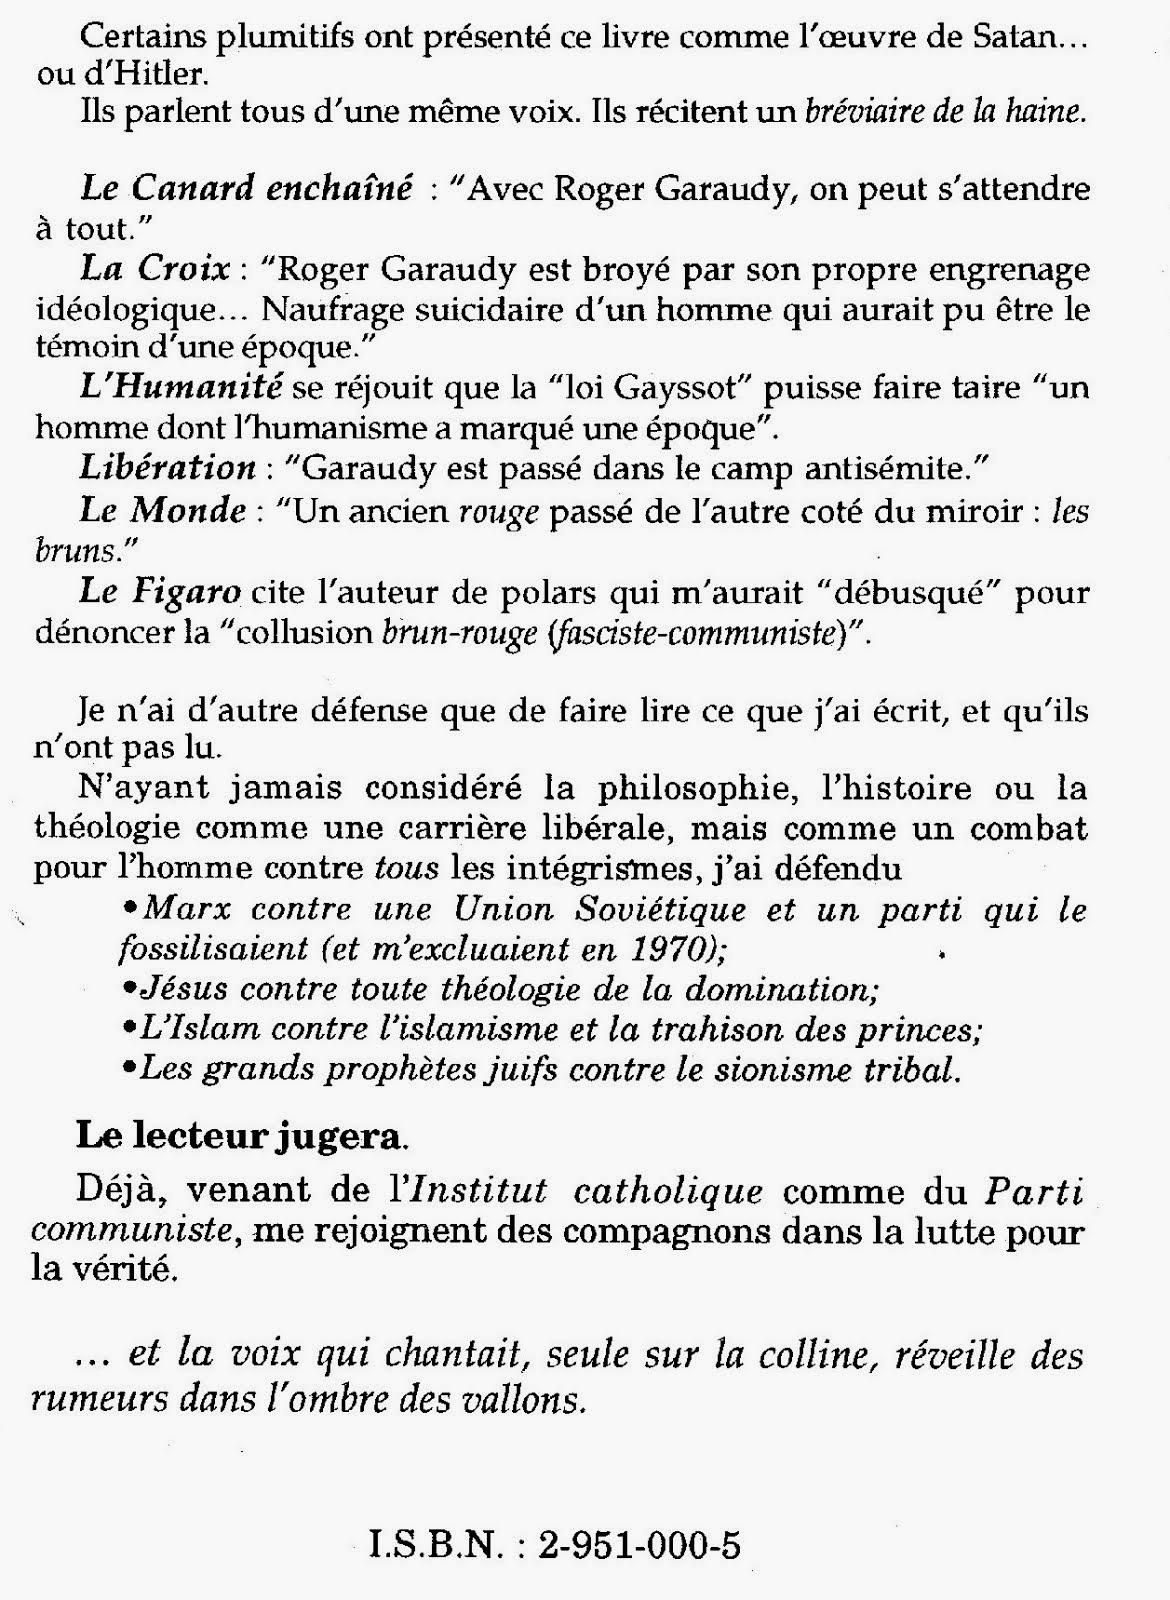 """Le livre condamné-1996. Dos de la couverture des """"Mythes fondateurs de la politique israélienne"""""""